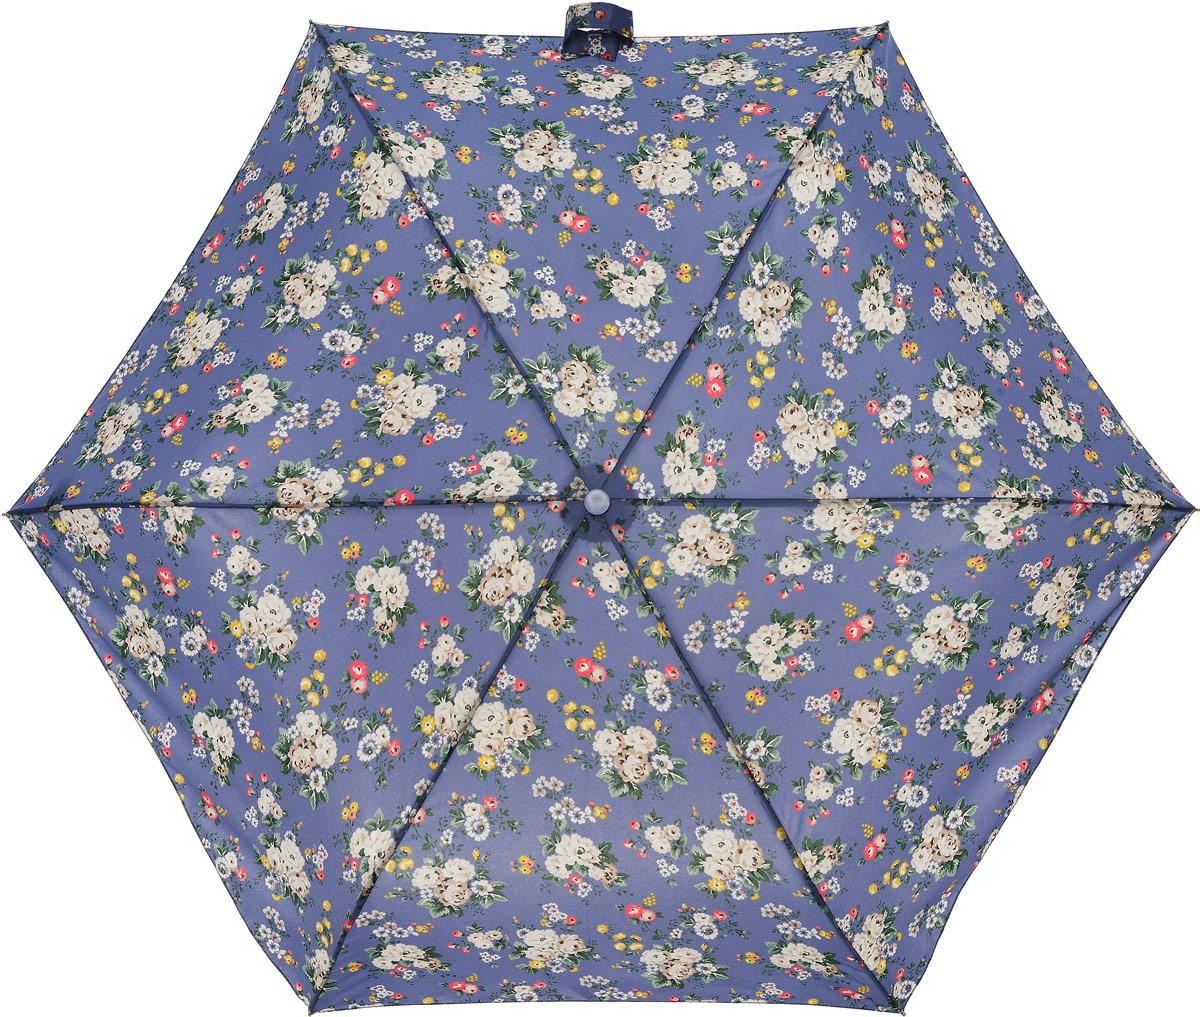 Зонт женский Cath Kidston Minilite, механический, 3 сложения, цвет: сине-фиолетовый, мультиколор. L768-3068L768-3068 SprayFlowersBlueСтильный механический зонт Cath Kidston Minilite в 3 сложения даже в ненастную погоду позволит вам оставаться элегантной. Облегченный каркас зонта выполнен из 8 спиц из фибергласса и алюминия, стержень также изготовлен из алюминия, удобная рукоятка - из пластика. Купол зонта выполнен из прочного полиэстера. В закрытом виде застегивается хлястиком на липучке. Яркий оригинальный цветочный принт поднимет настроение в дождливый день. Зонт механического сложения: купол открывается и закрывается вручную до характерного щелчка. На рукоятке для удобства есть небольшой шнурок, позволяющий надеть зонт на руку тогда, когда это будет необходимо. К зонту прилагается чехол с небольшой нашивкой с названием бренда. Такой зонт компактно располагается в кармане, сумочке, дверке автомобиля.